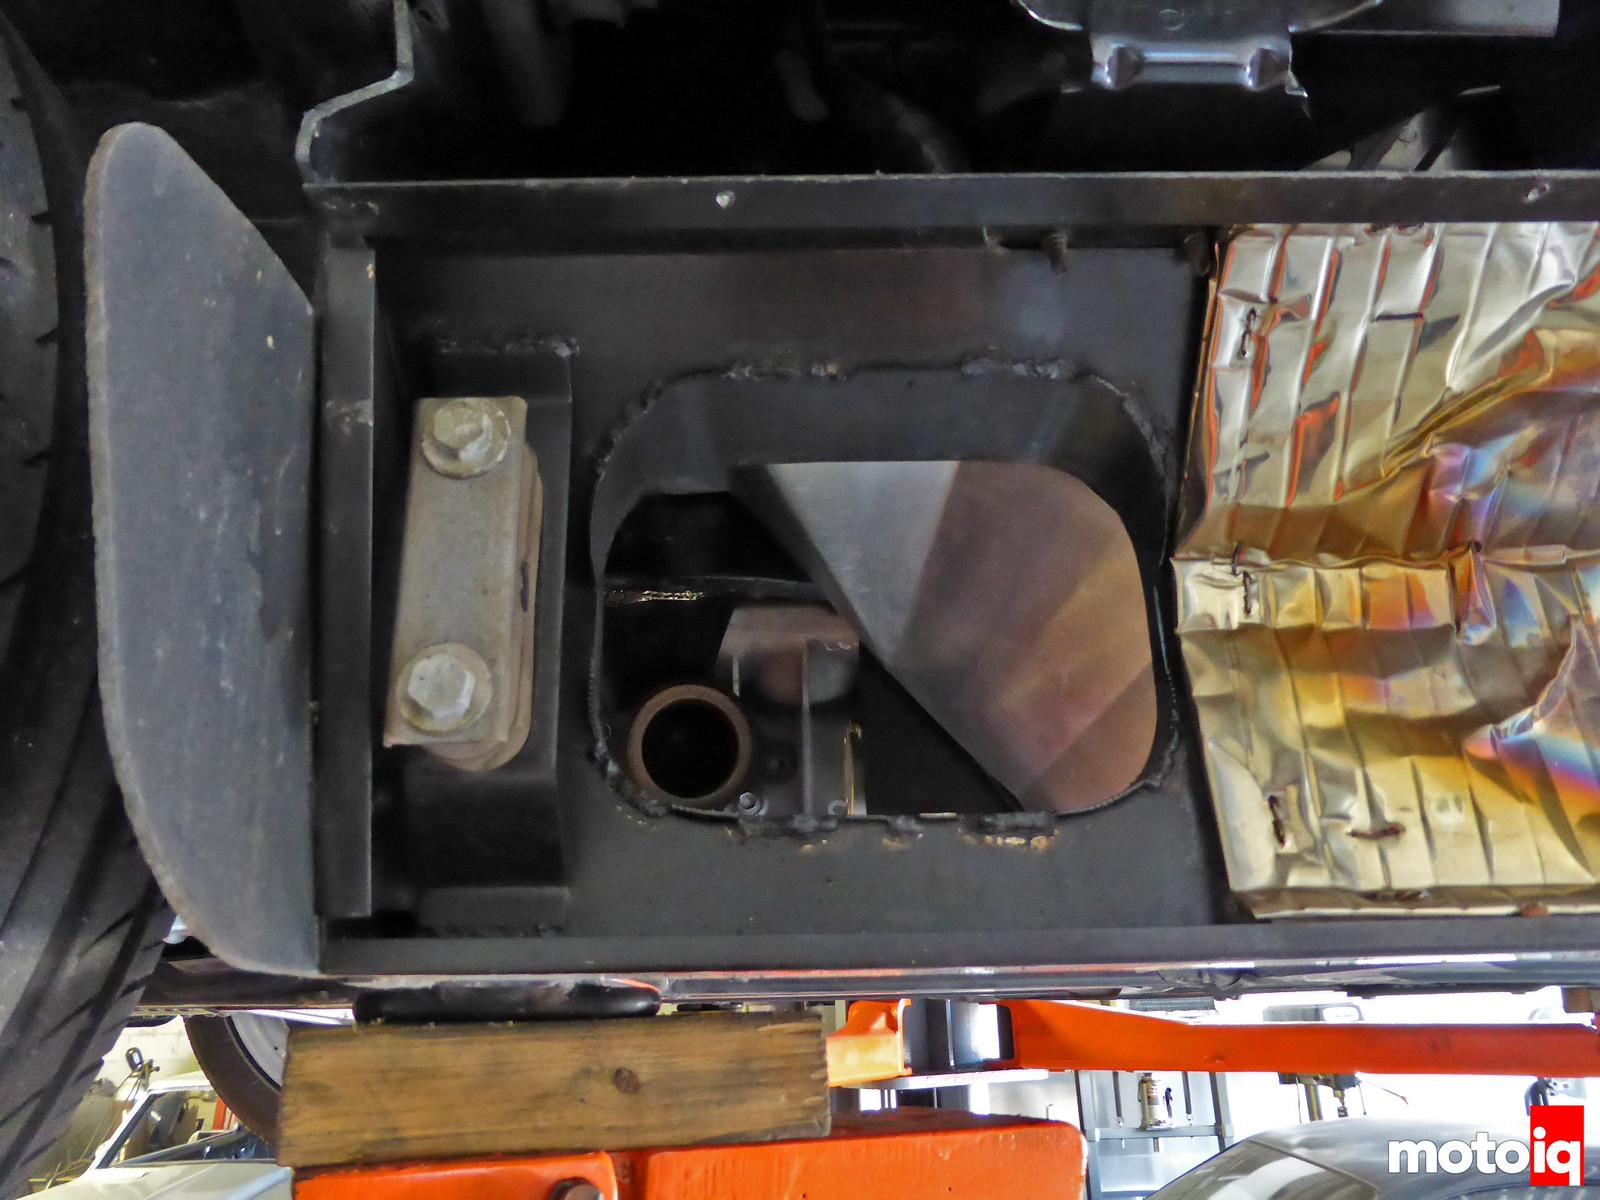 Viper GTS Gen 2 exhaust pass through side sill